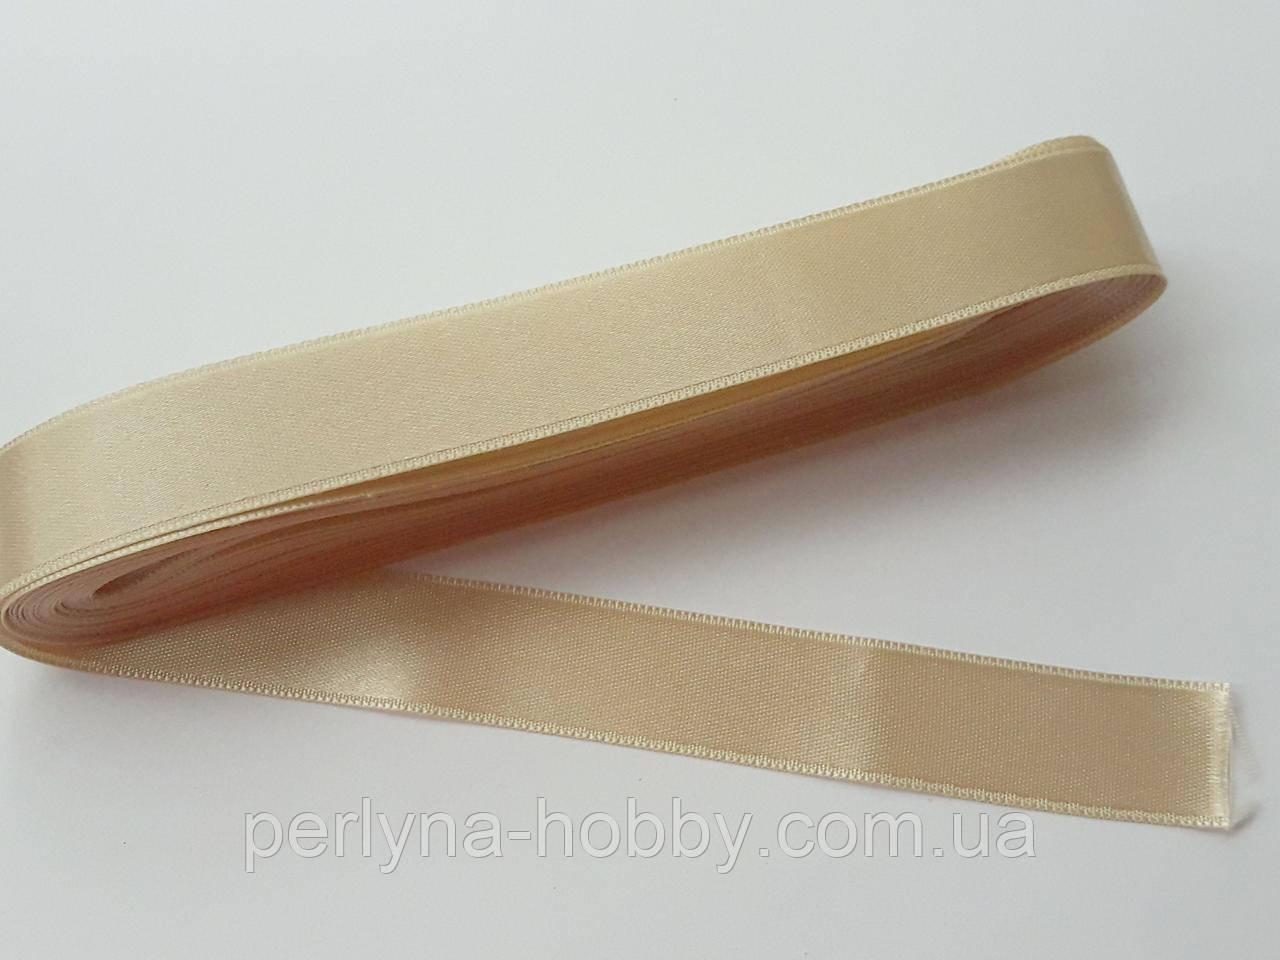 Стрічка атласна  двостороння 2 см ( 10 метрів) бежева світла з золотистим відтінком 600